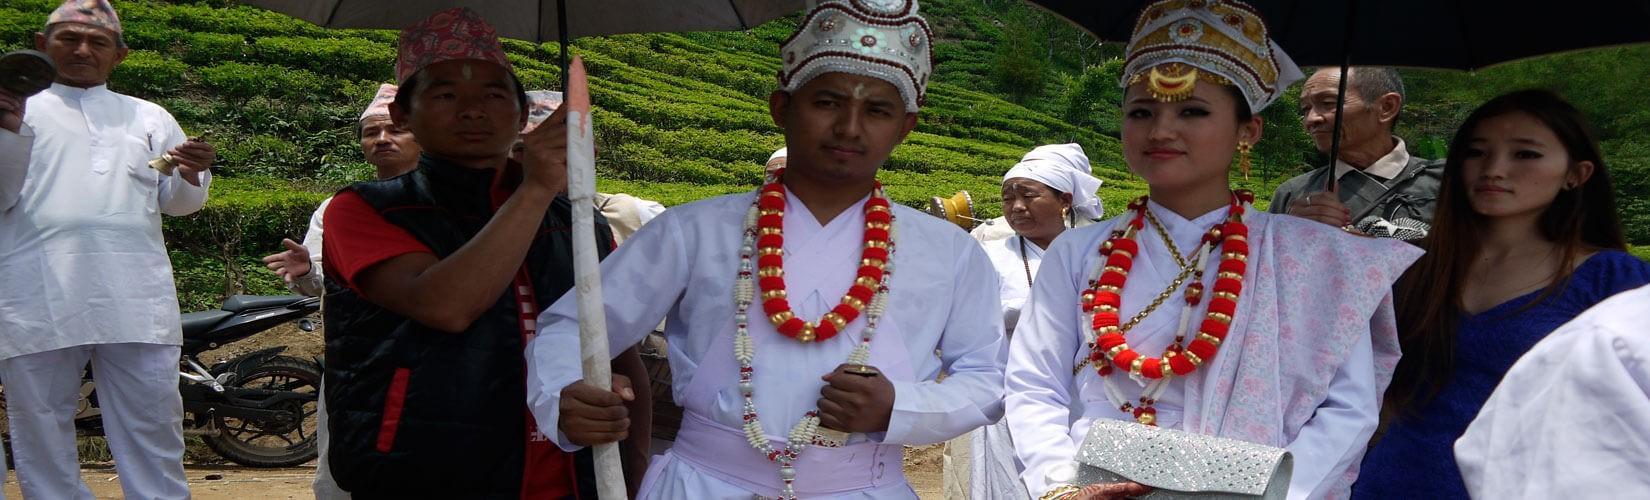 Limbu Marriage culture in Nepal